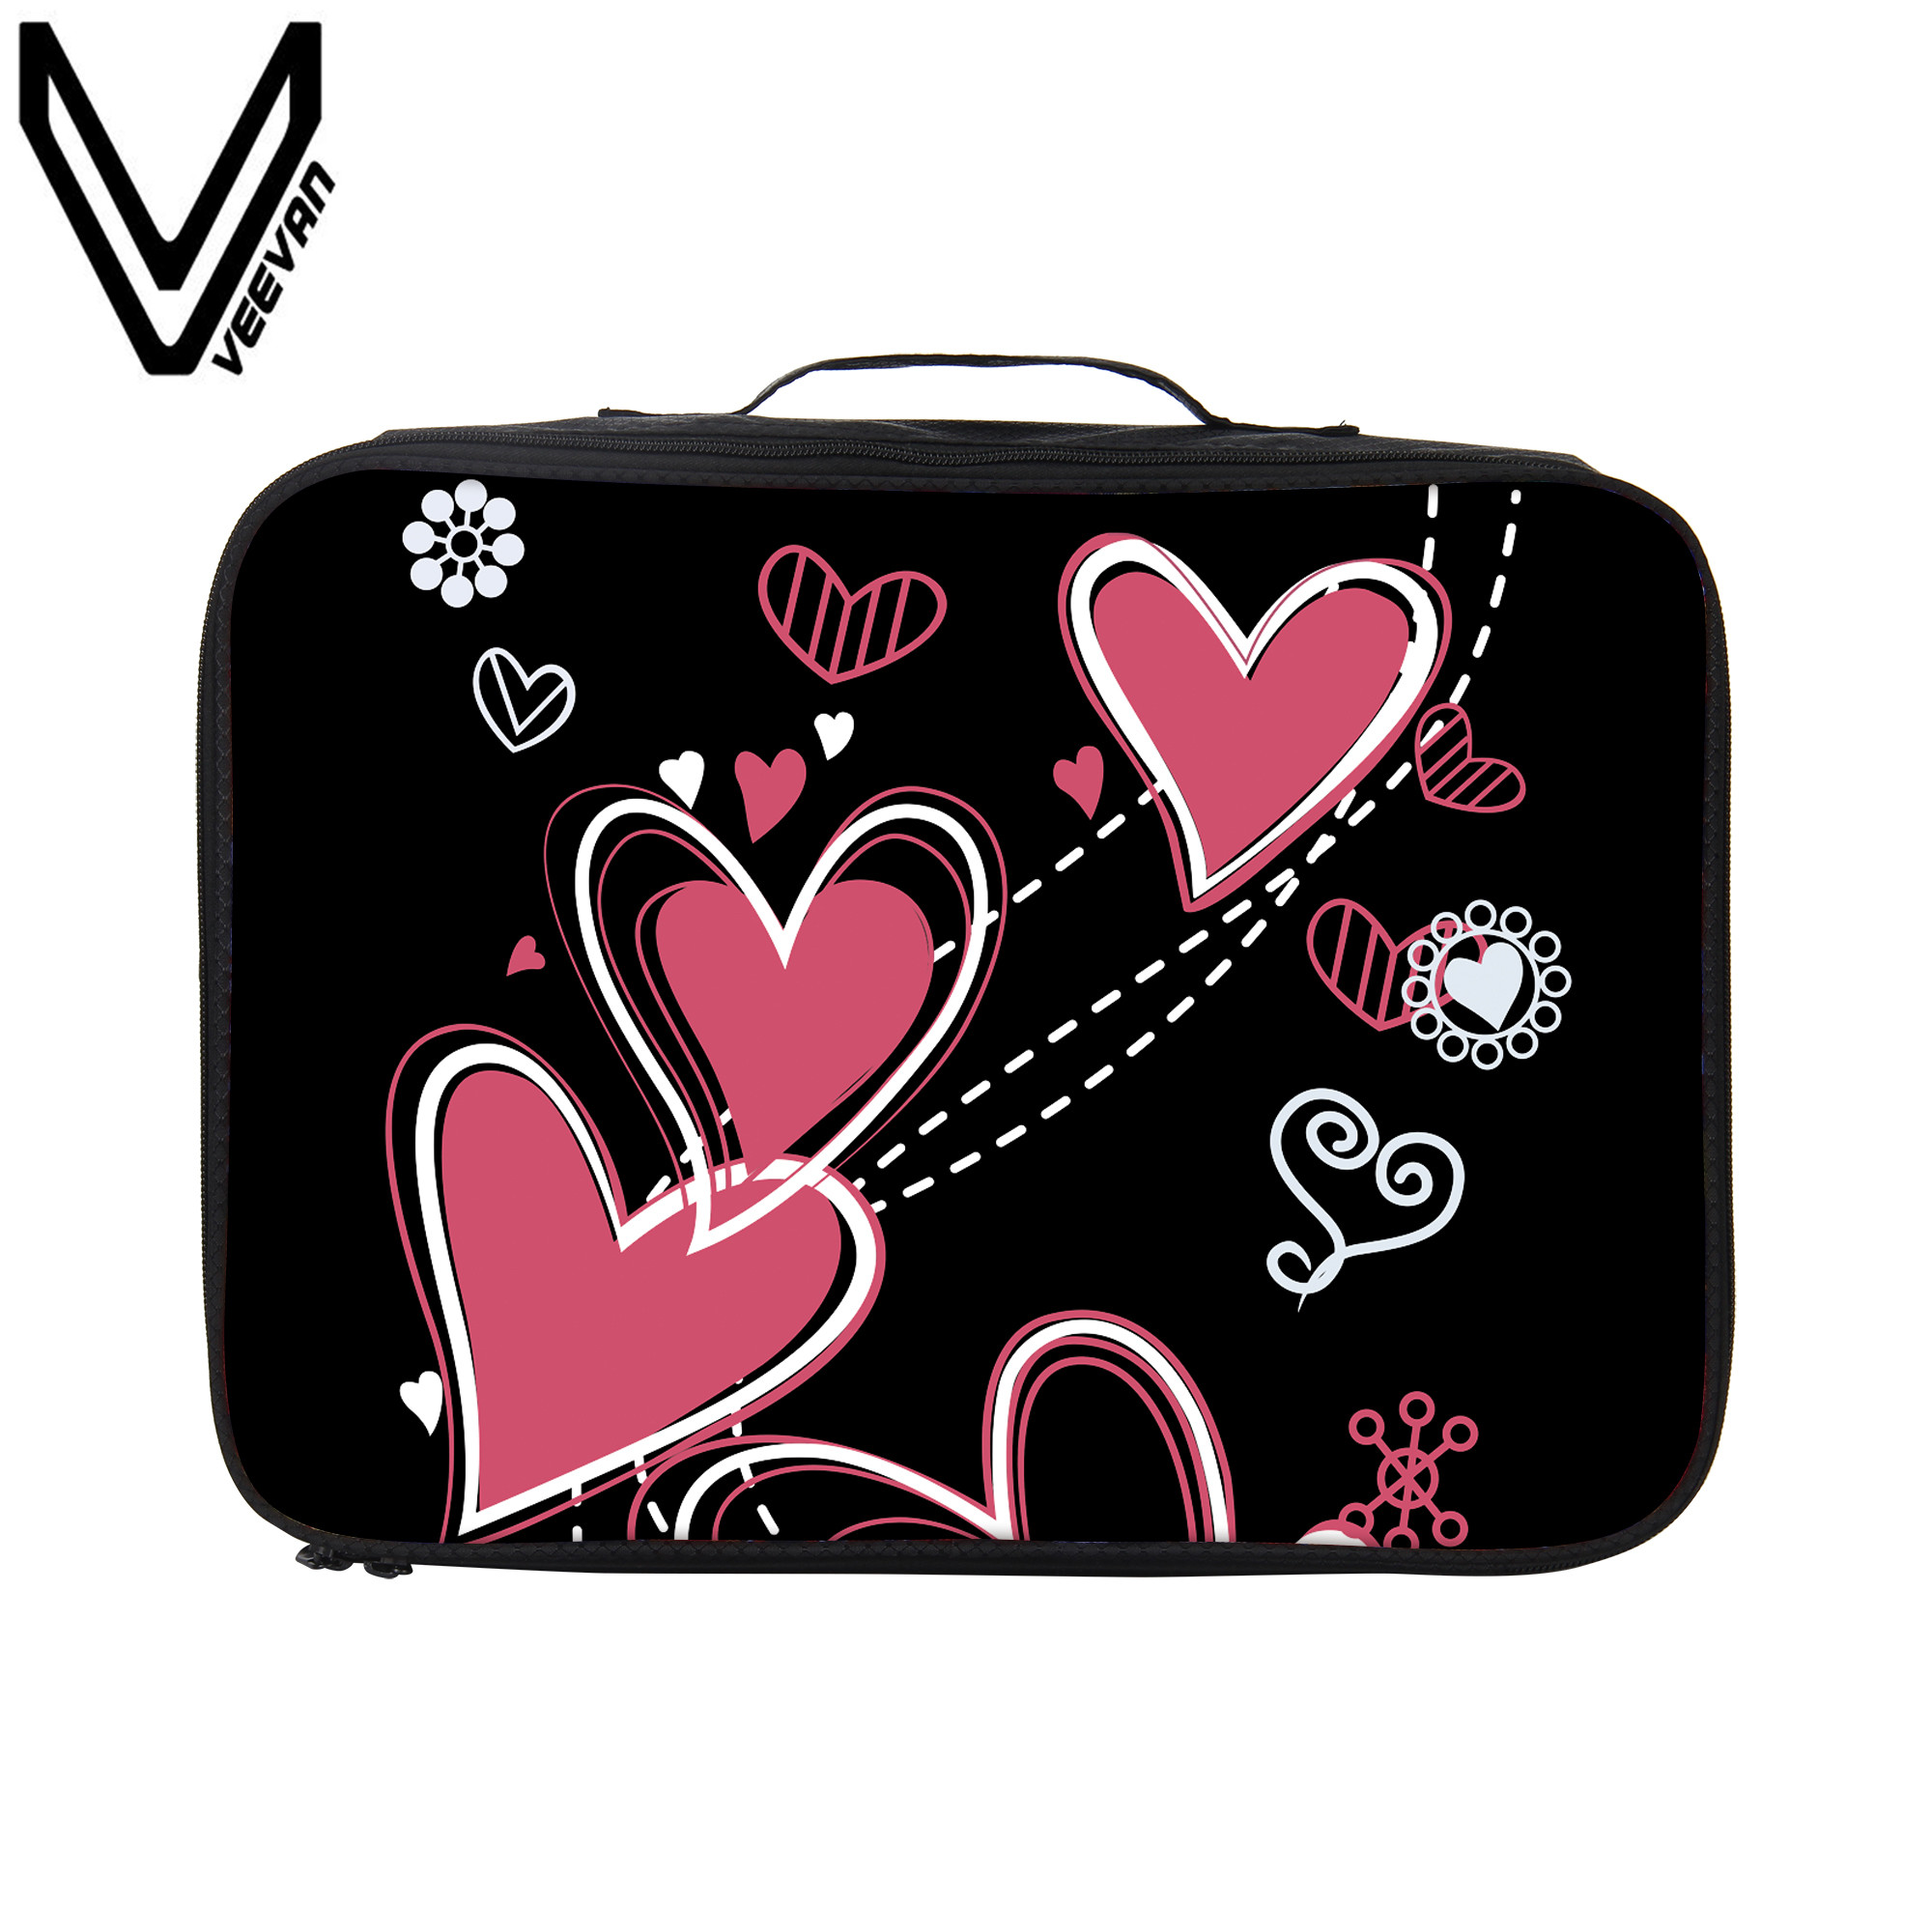 VEEVANV Waterproof Microfiber Love Travel Bags Hand Luggage 3D Print Troller Travel Bag for